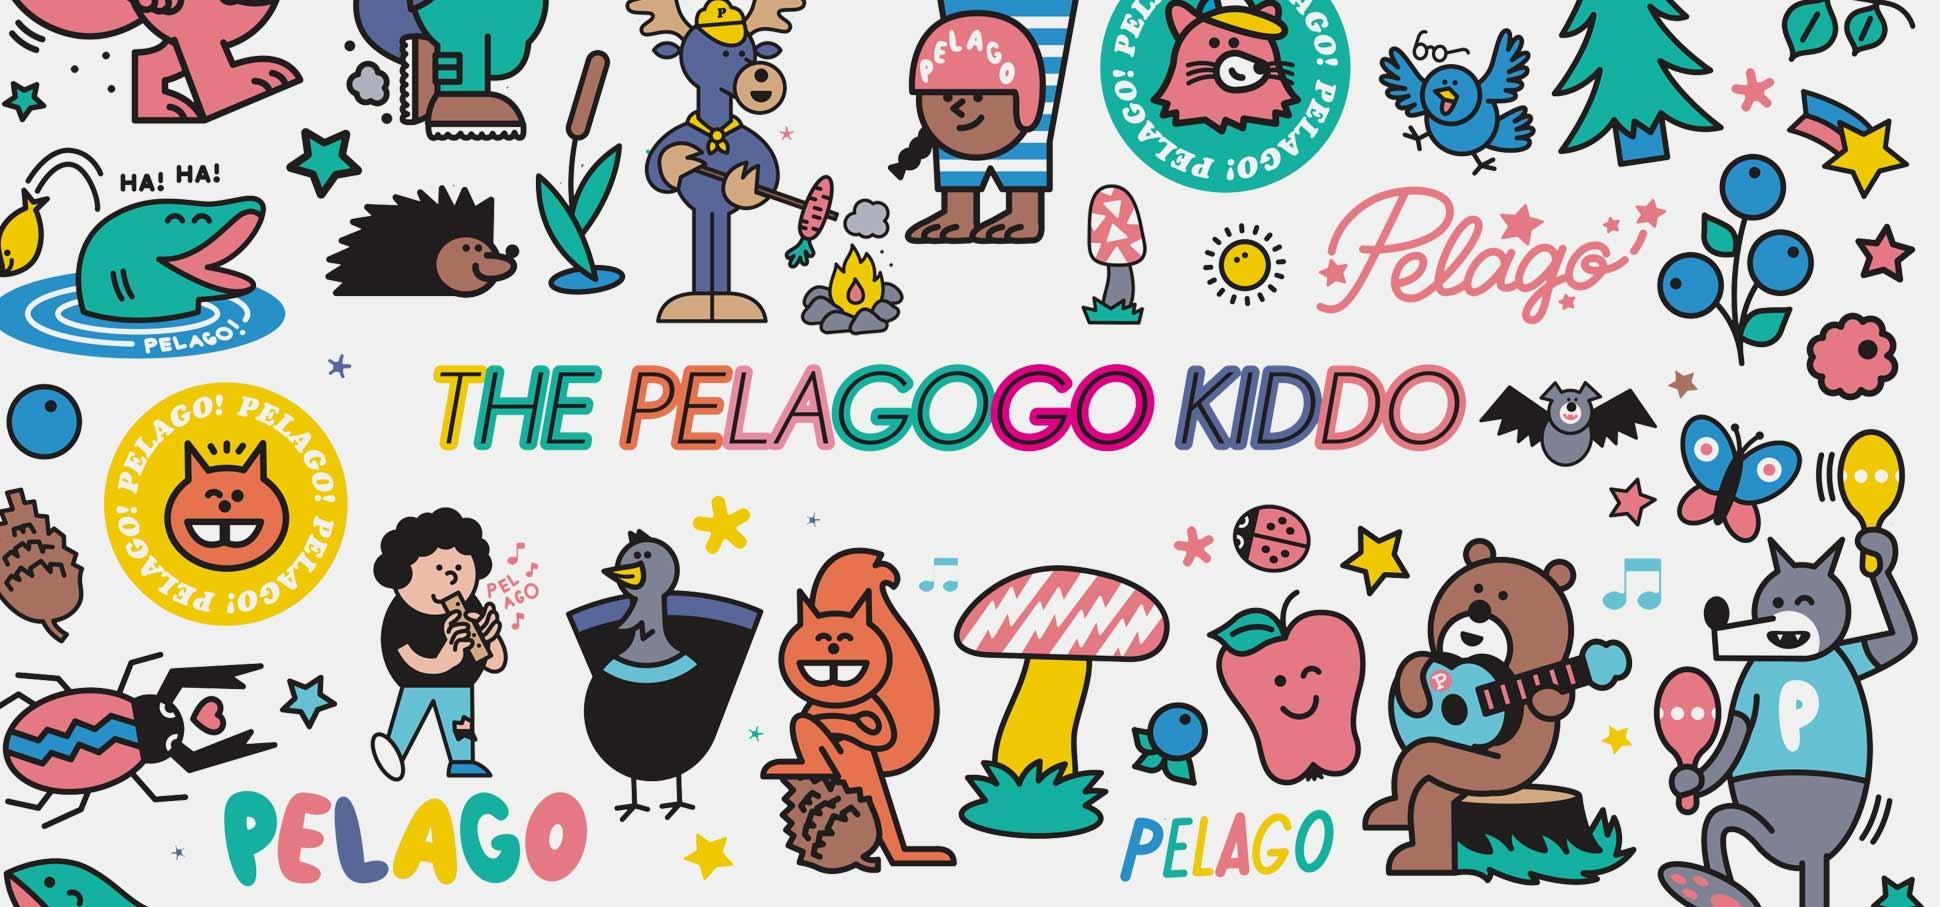 PELAGO_KIDDO_header3.jpg